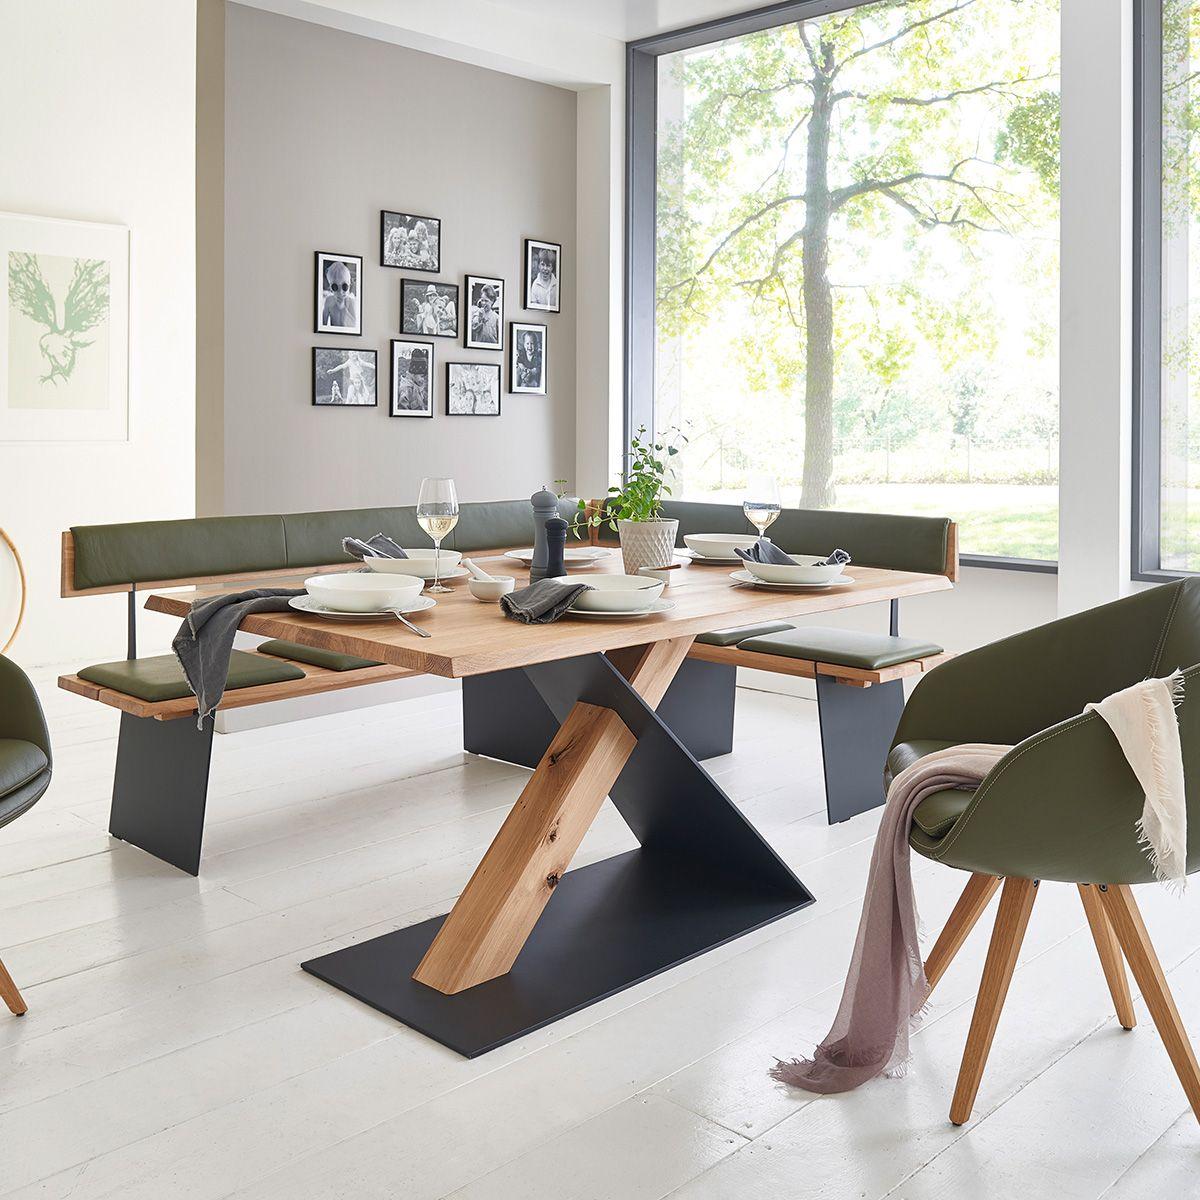 Fur Gesellige Stunden Im Esszimmer Esstisch Holz Massiv Esstisch Modern Esstisch Holz